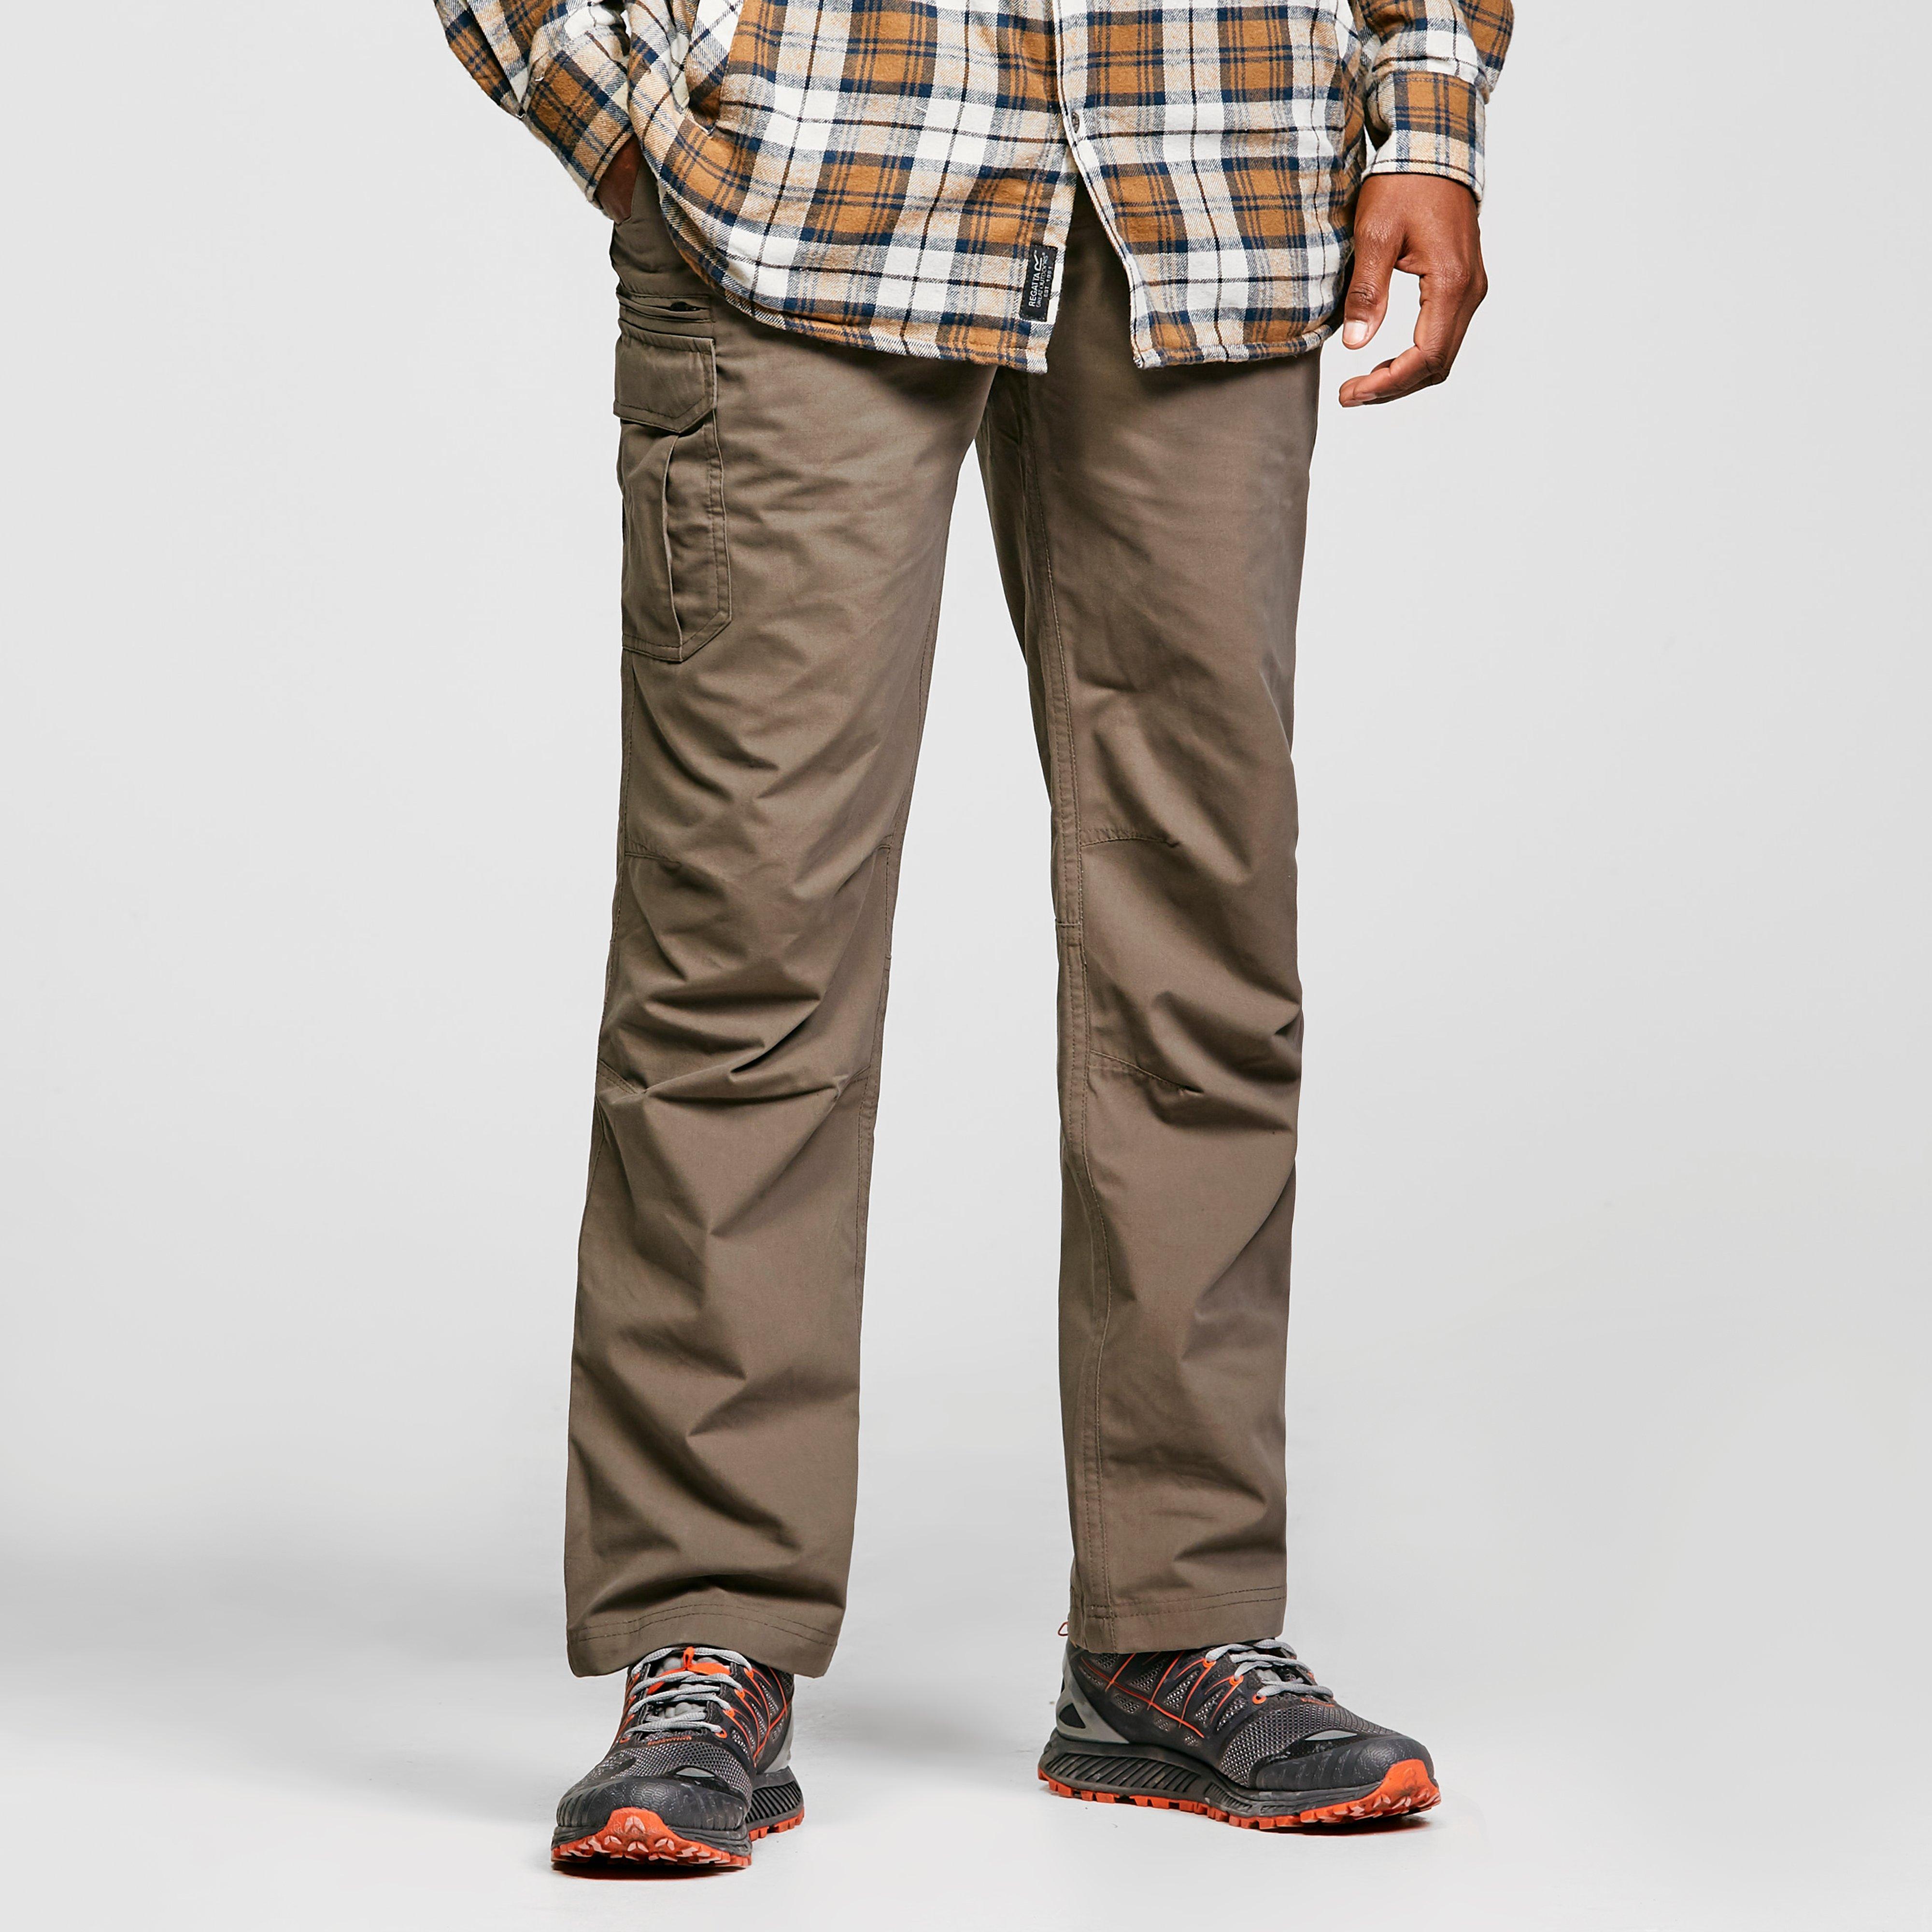 Brasher Mens Walking Trousers - Brown/brn  Brown/brn